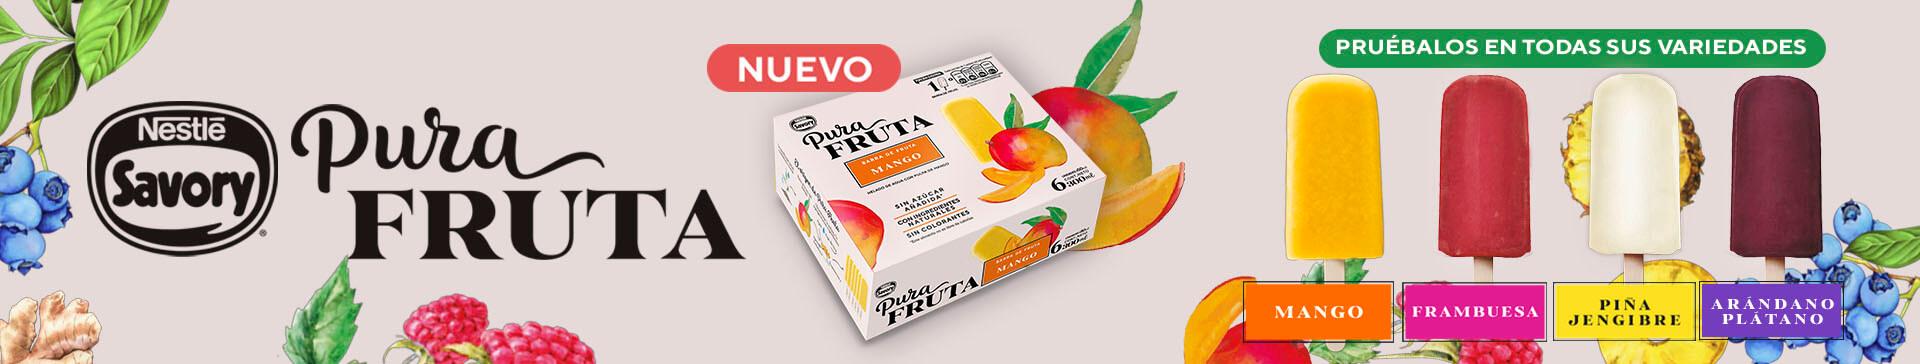 /busca?fq=H%3A6822&nombre_promo=helados-pura fruta-25112020